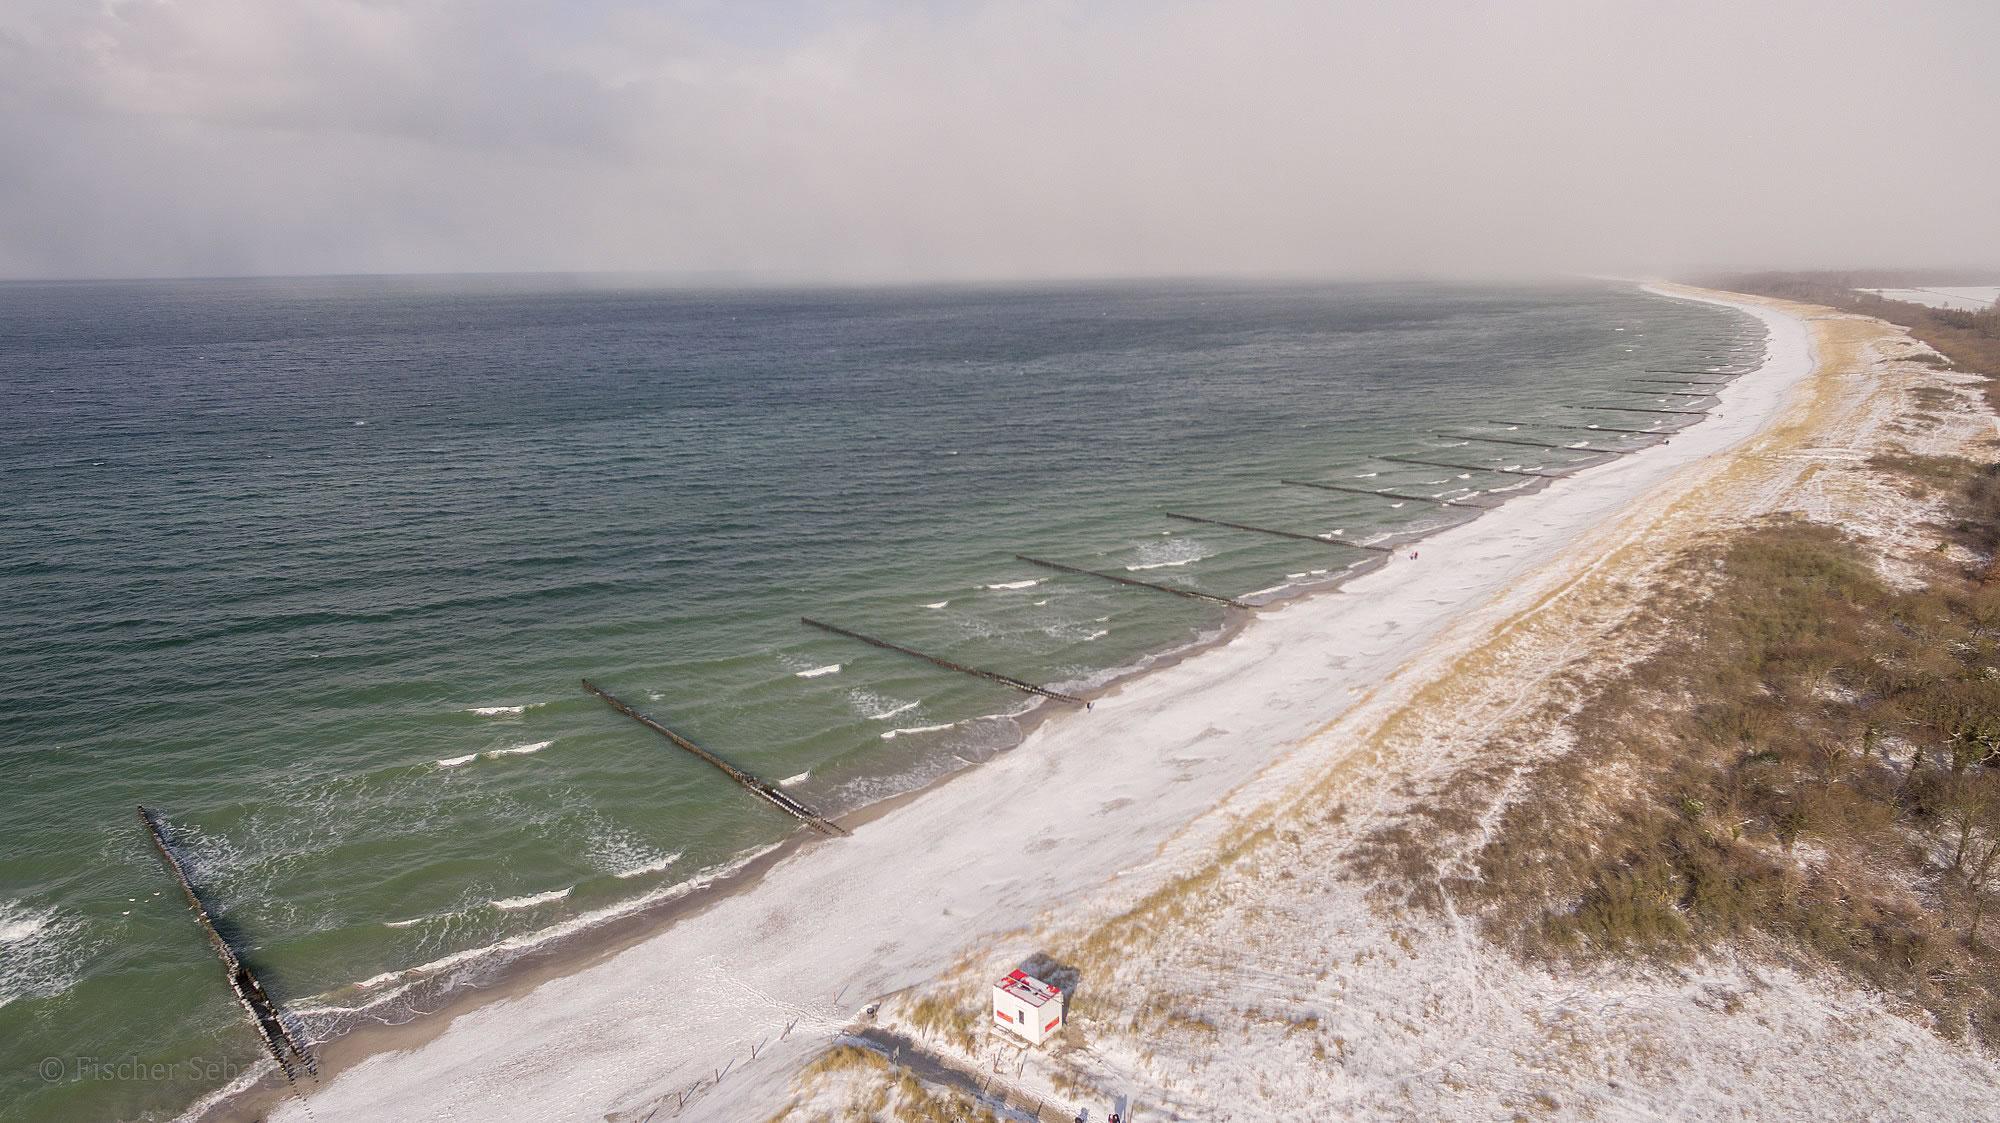 Strand, 2018, Blickrichtung Leuchturm